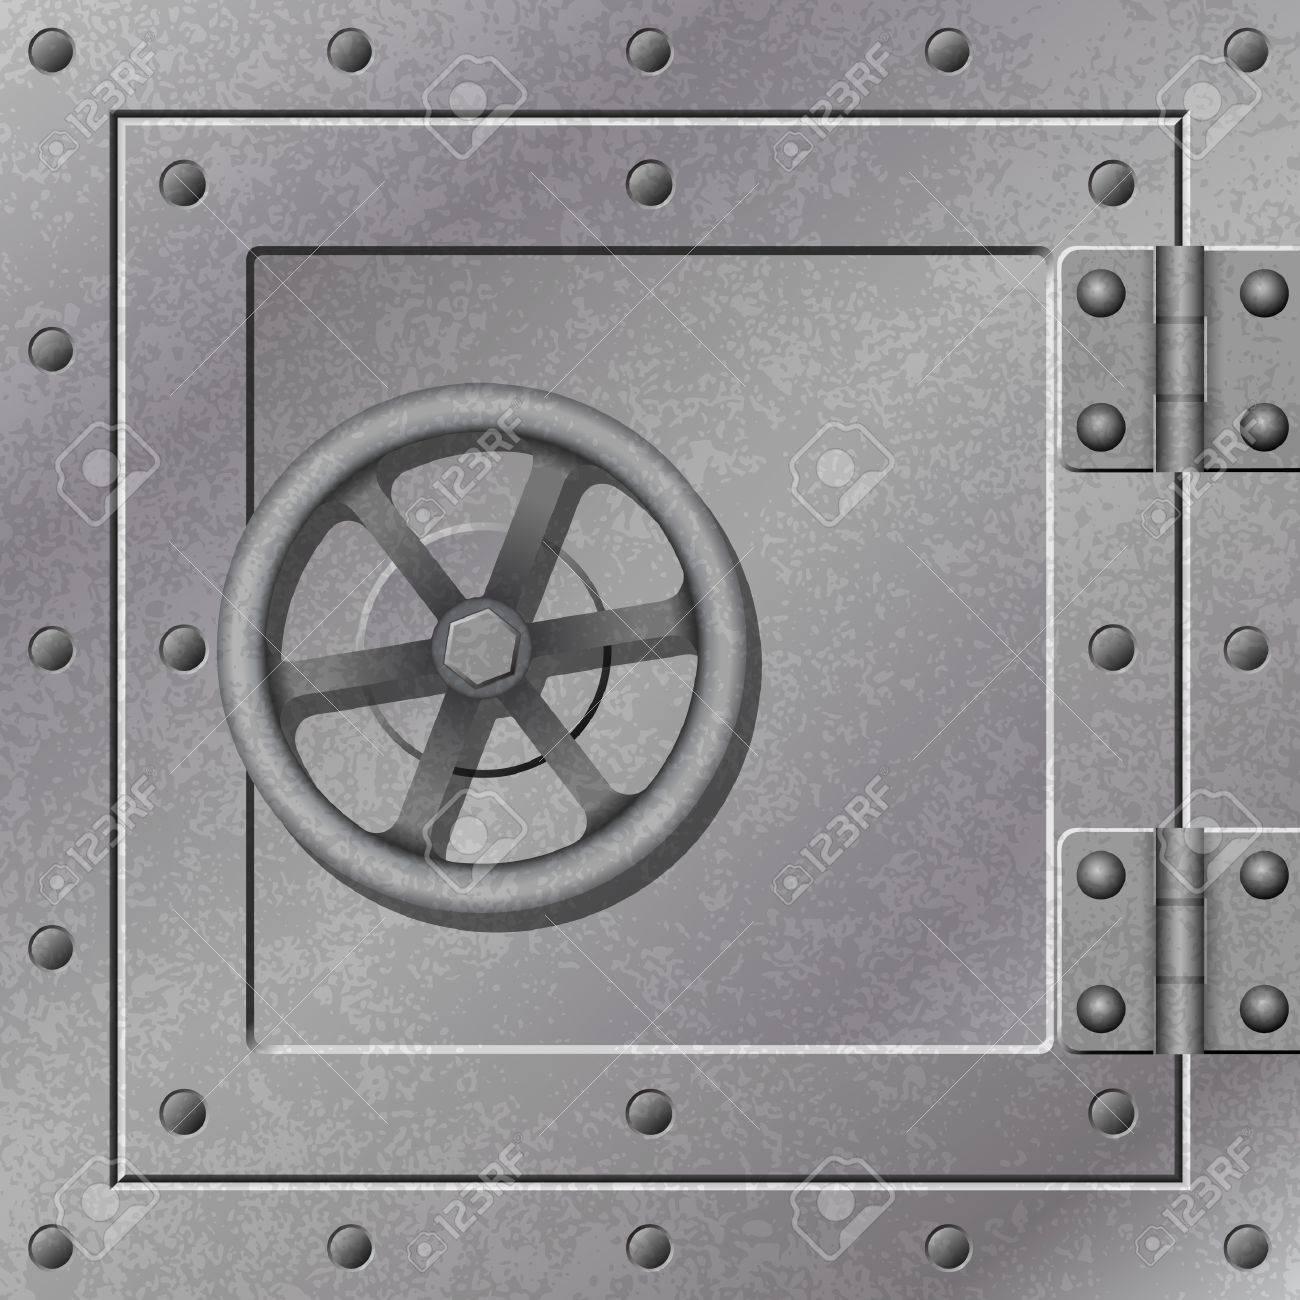 vault door a steel strong box door with hinges and rivets